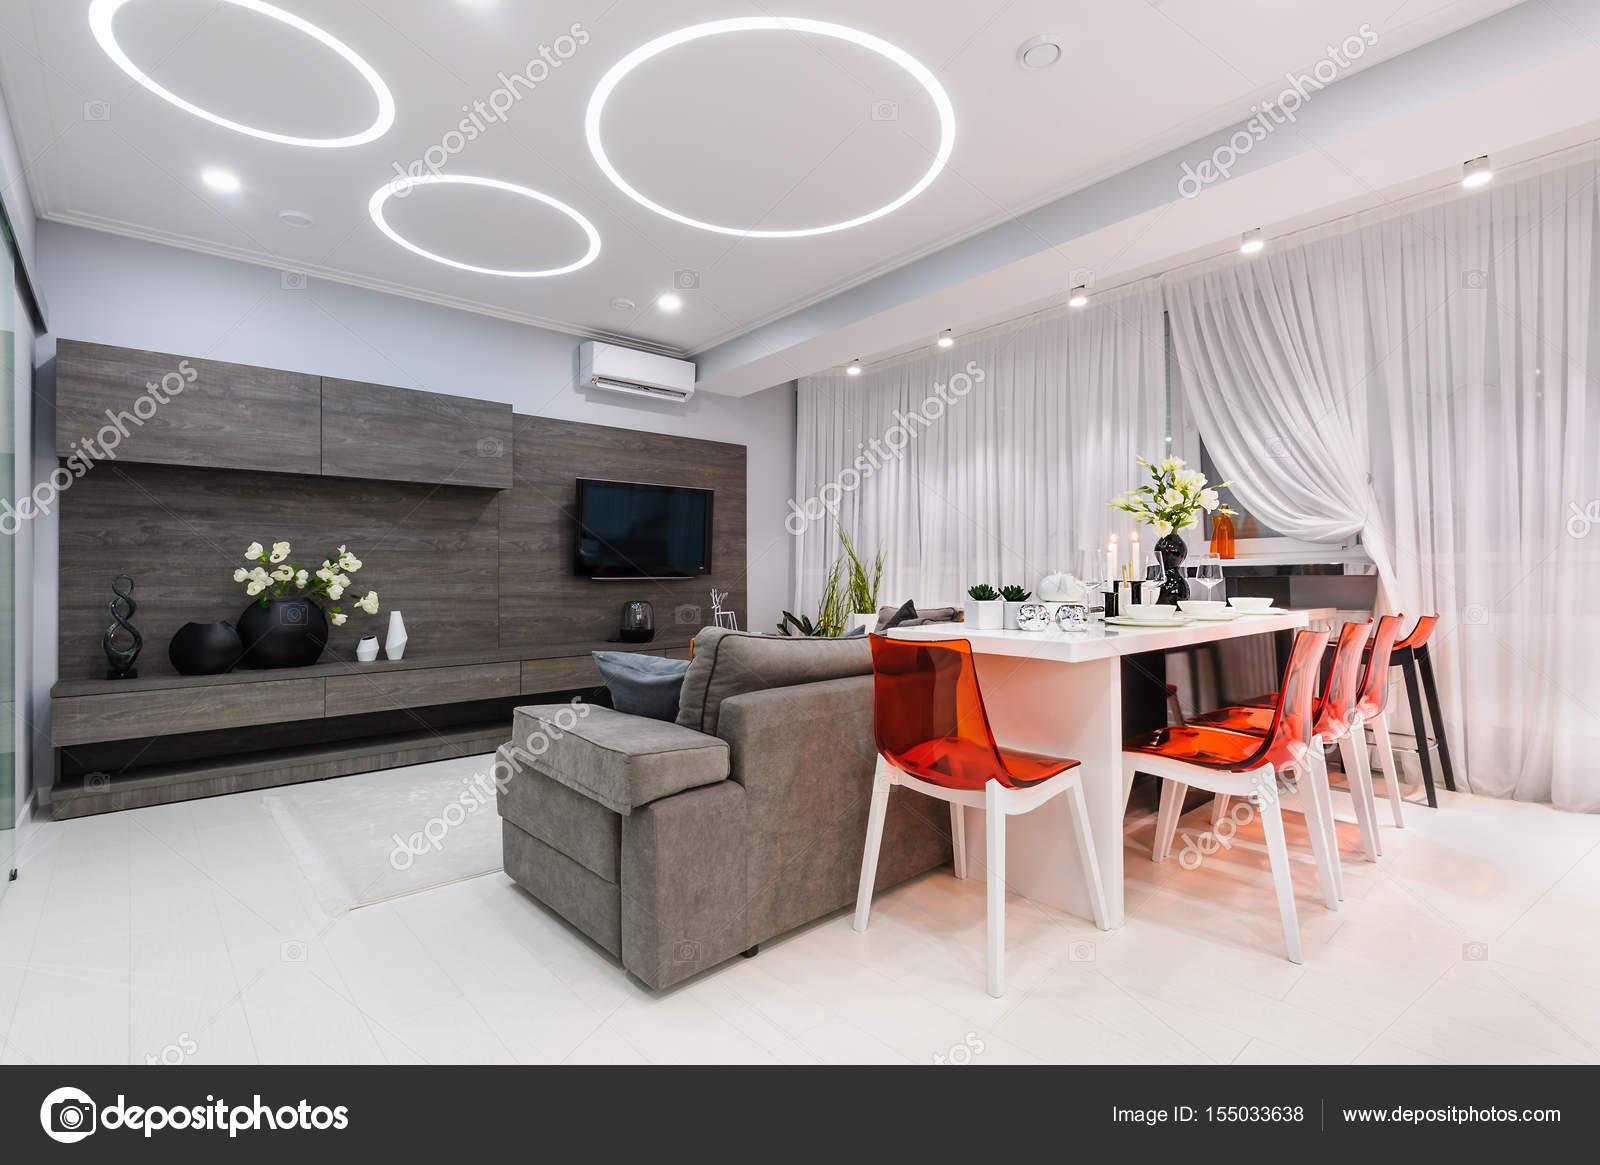 Eettafel In Woonkamer : Moderne witte woonkamer met eettafel u2014 stockfoto © starush #155033638